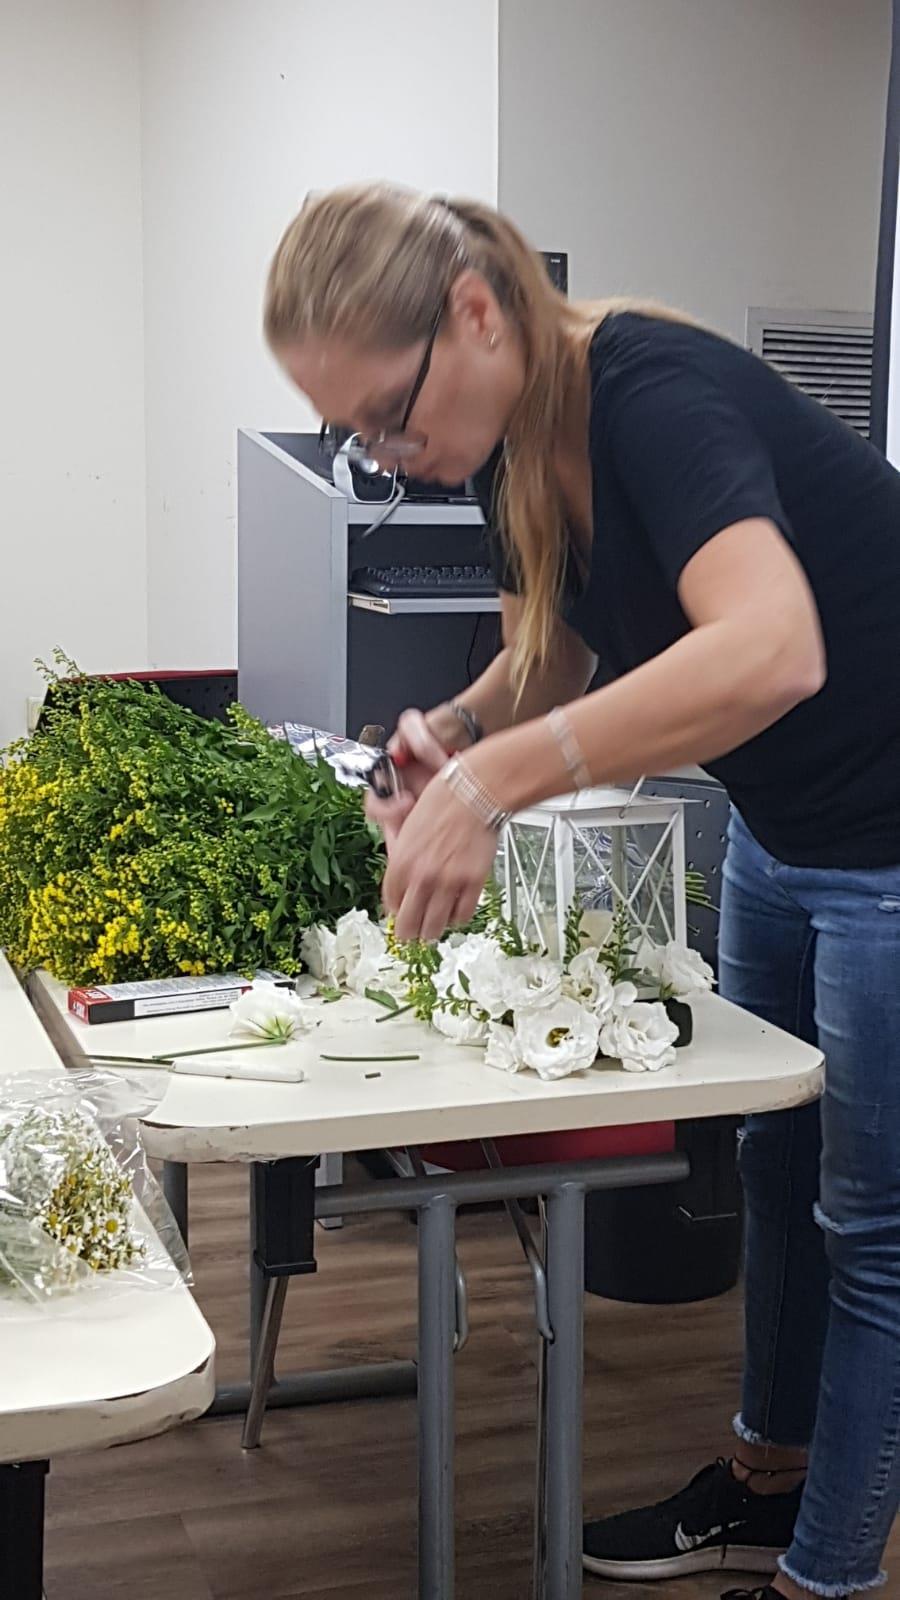 גלרייה - שיעור שזירת פרחים - קורס הפקת אירועים מחזור 24, 5 מתוך 35